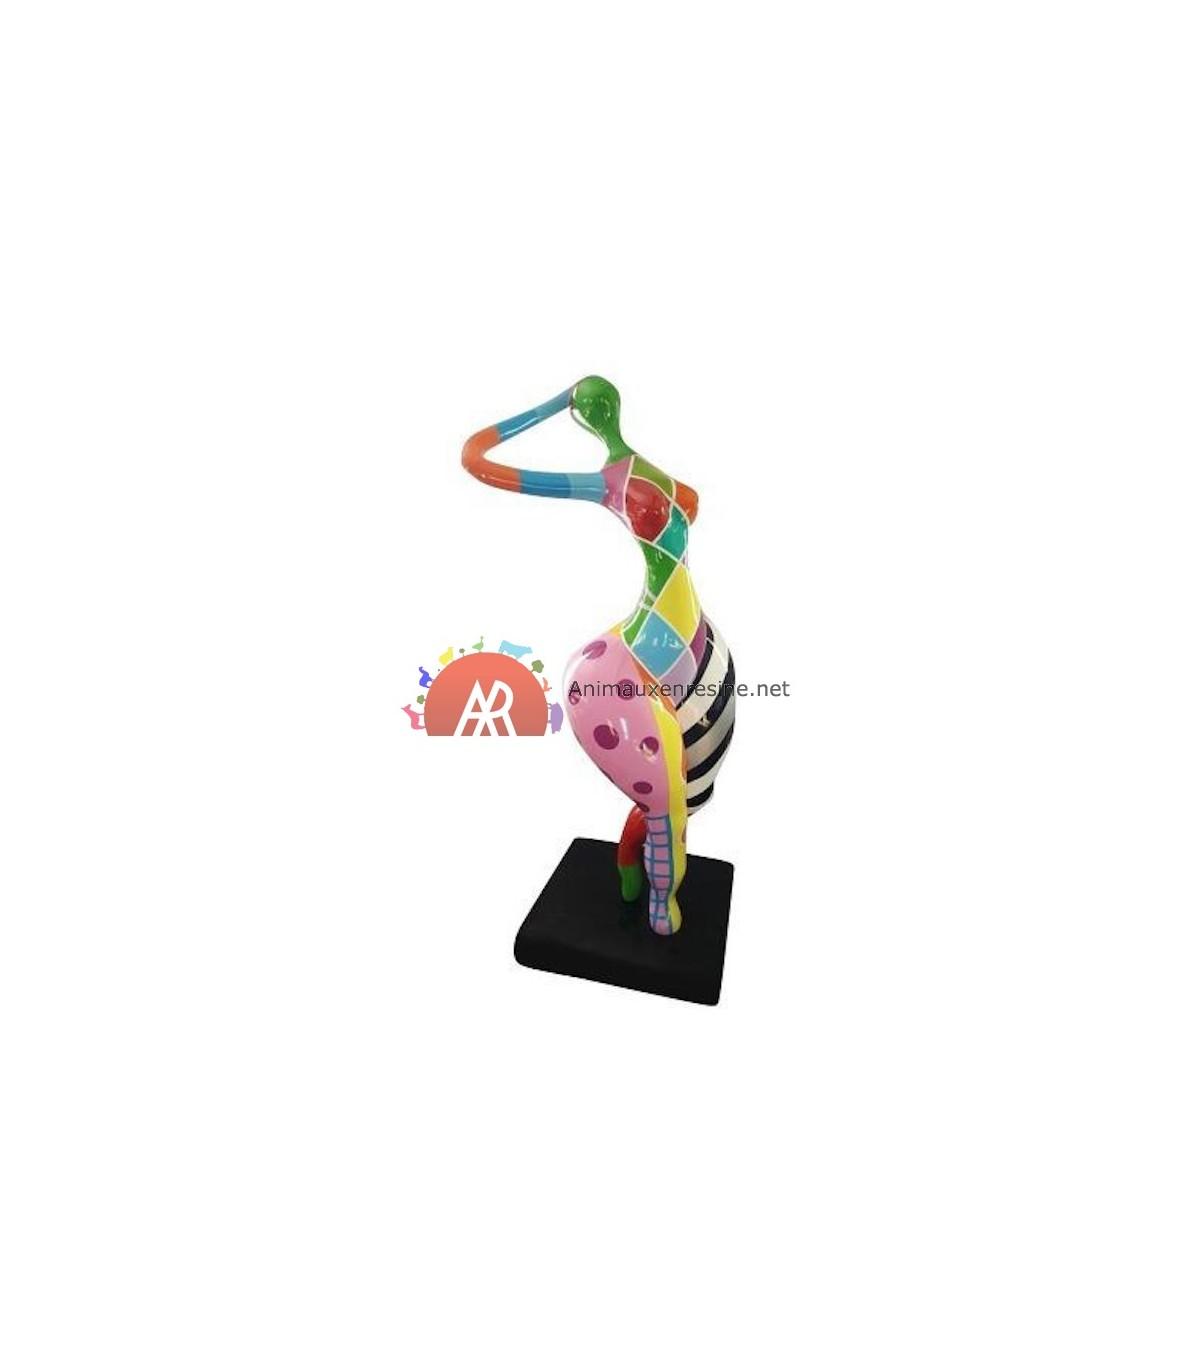 Sculpture Femme Ronde Colorée sculpture grosse femme moyen modèle design baba 1 | animauxenresine